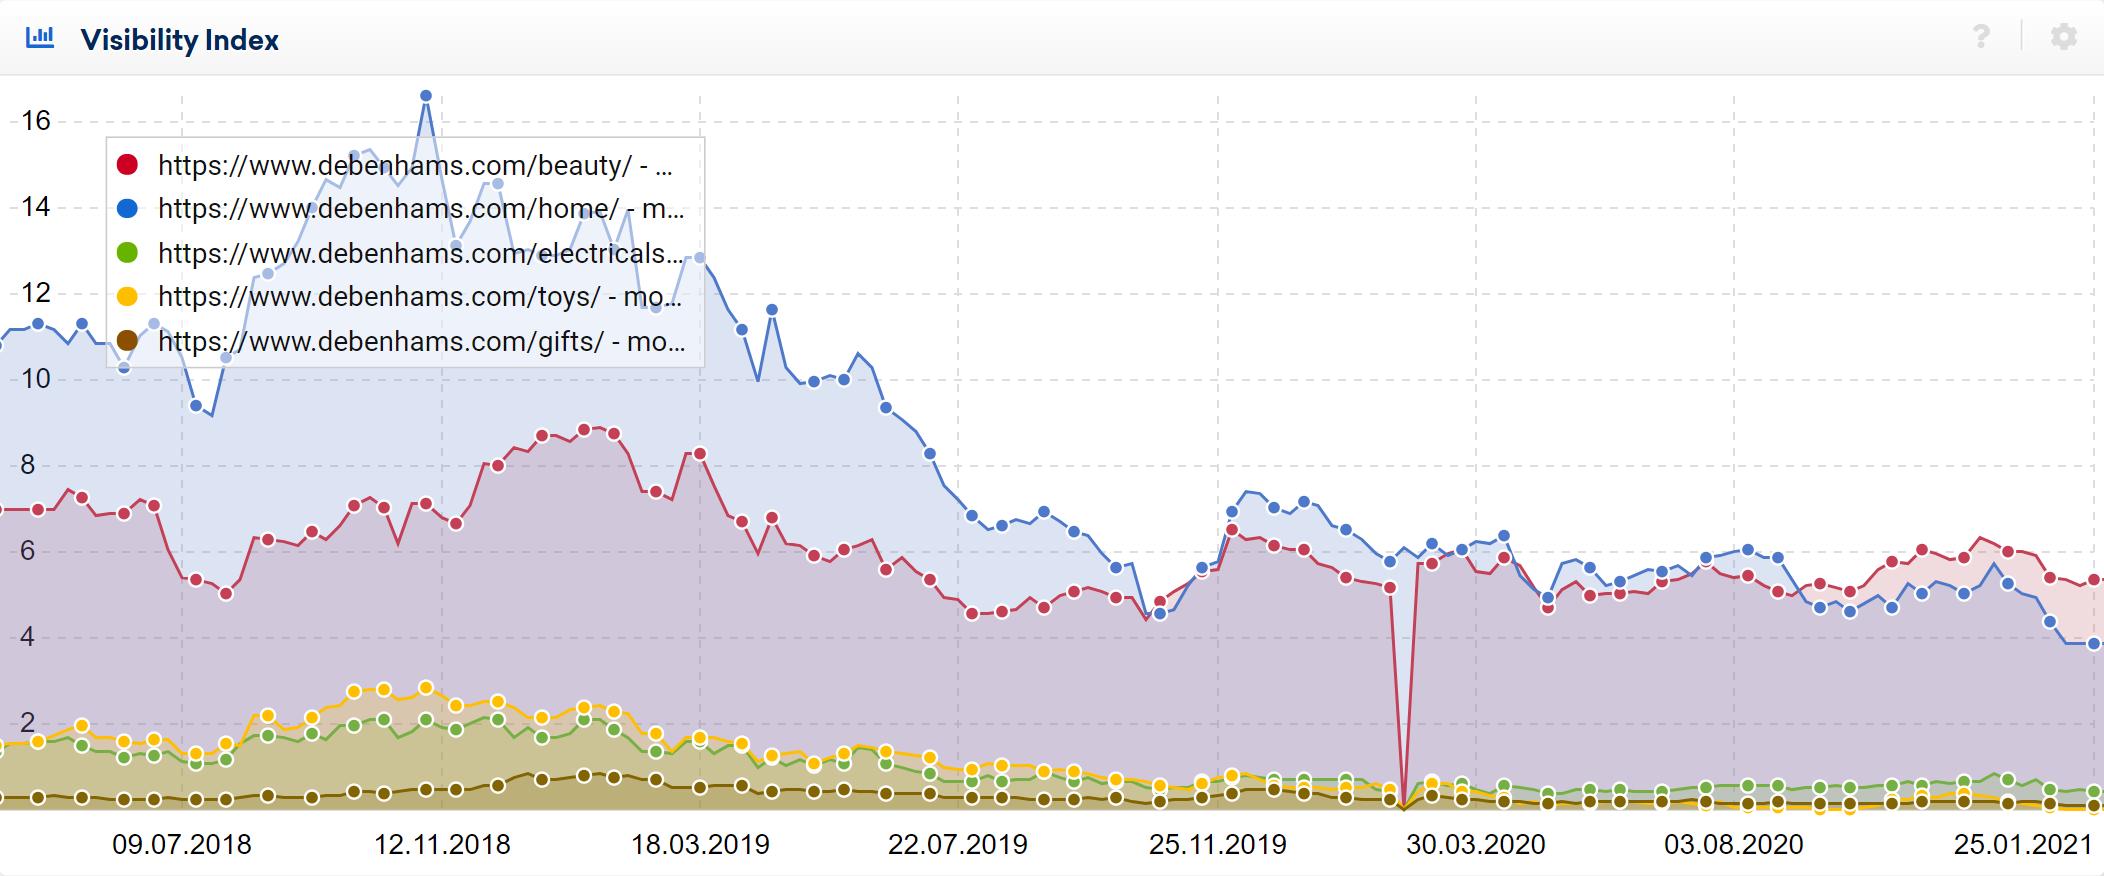 debenhams domain name visibility graph